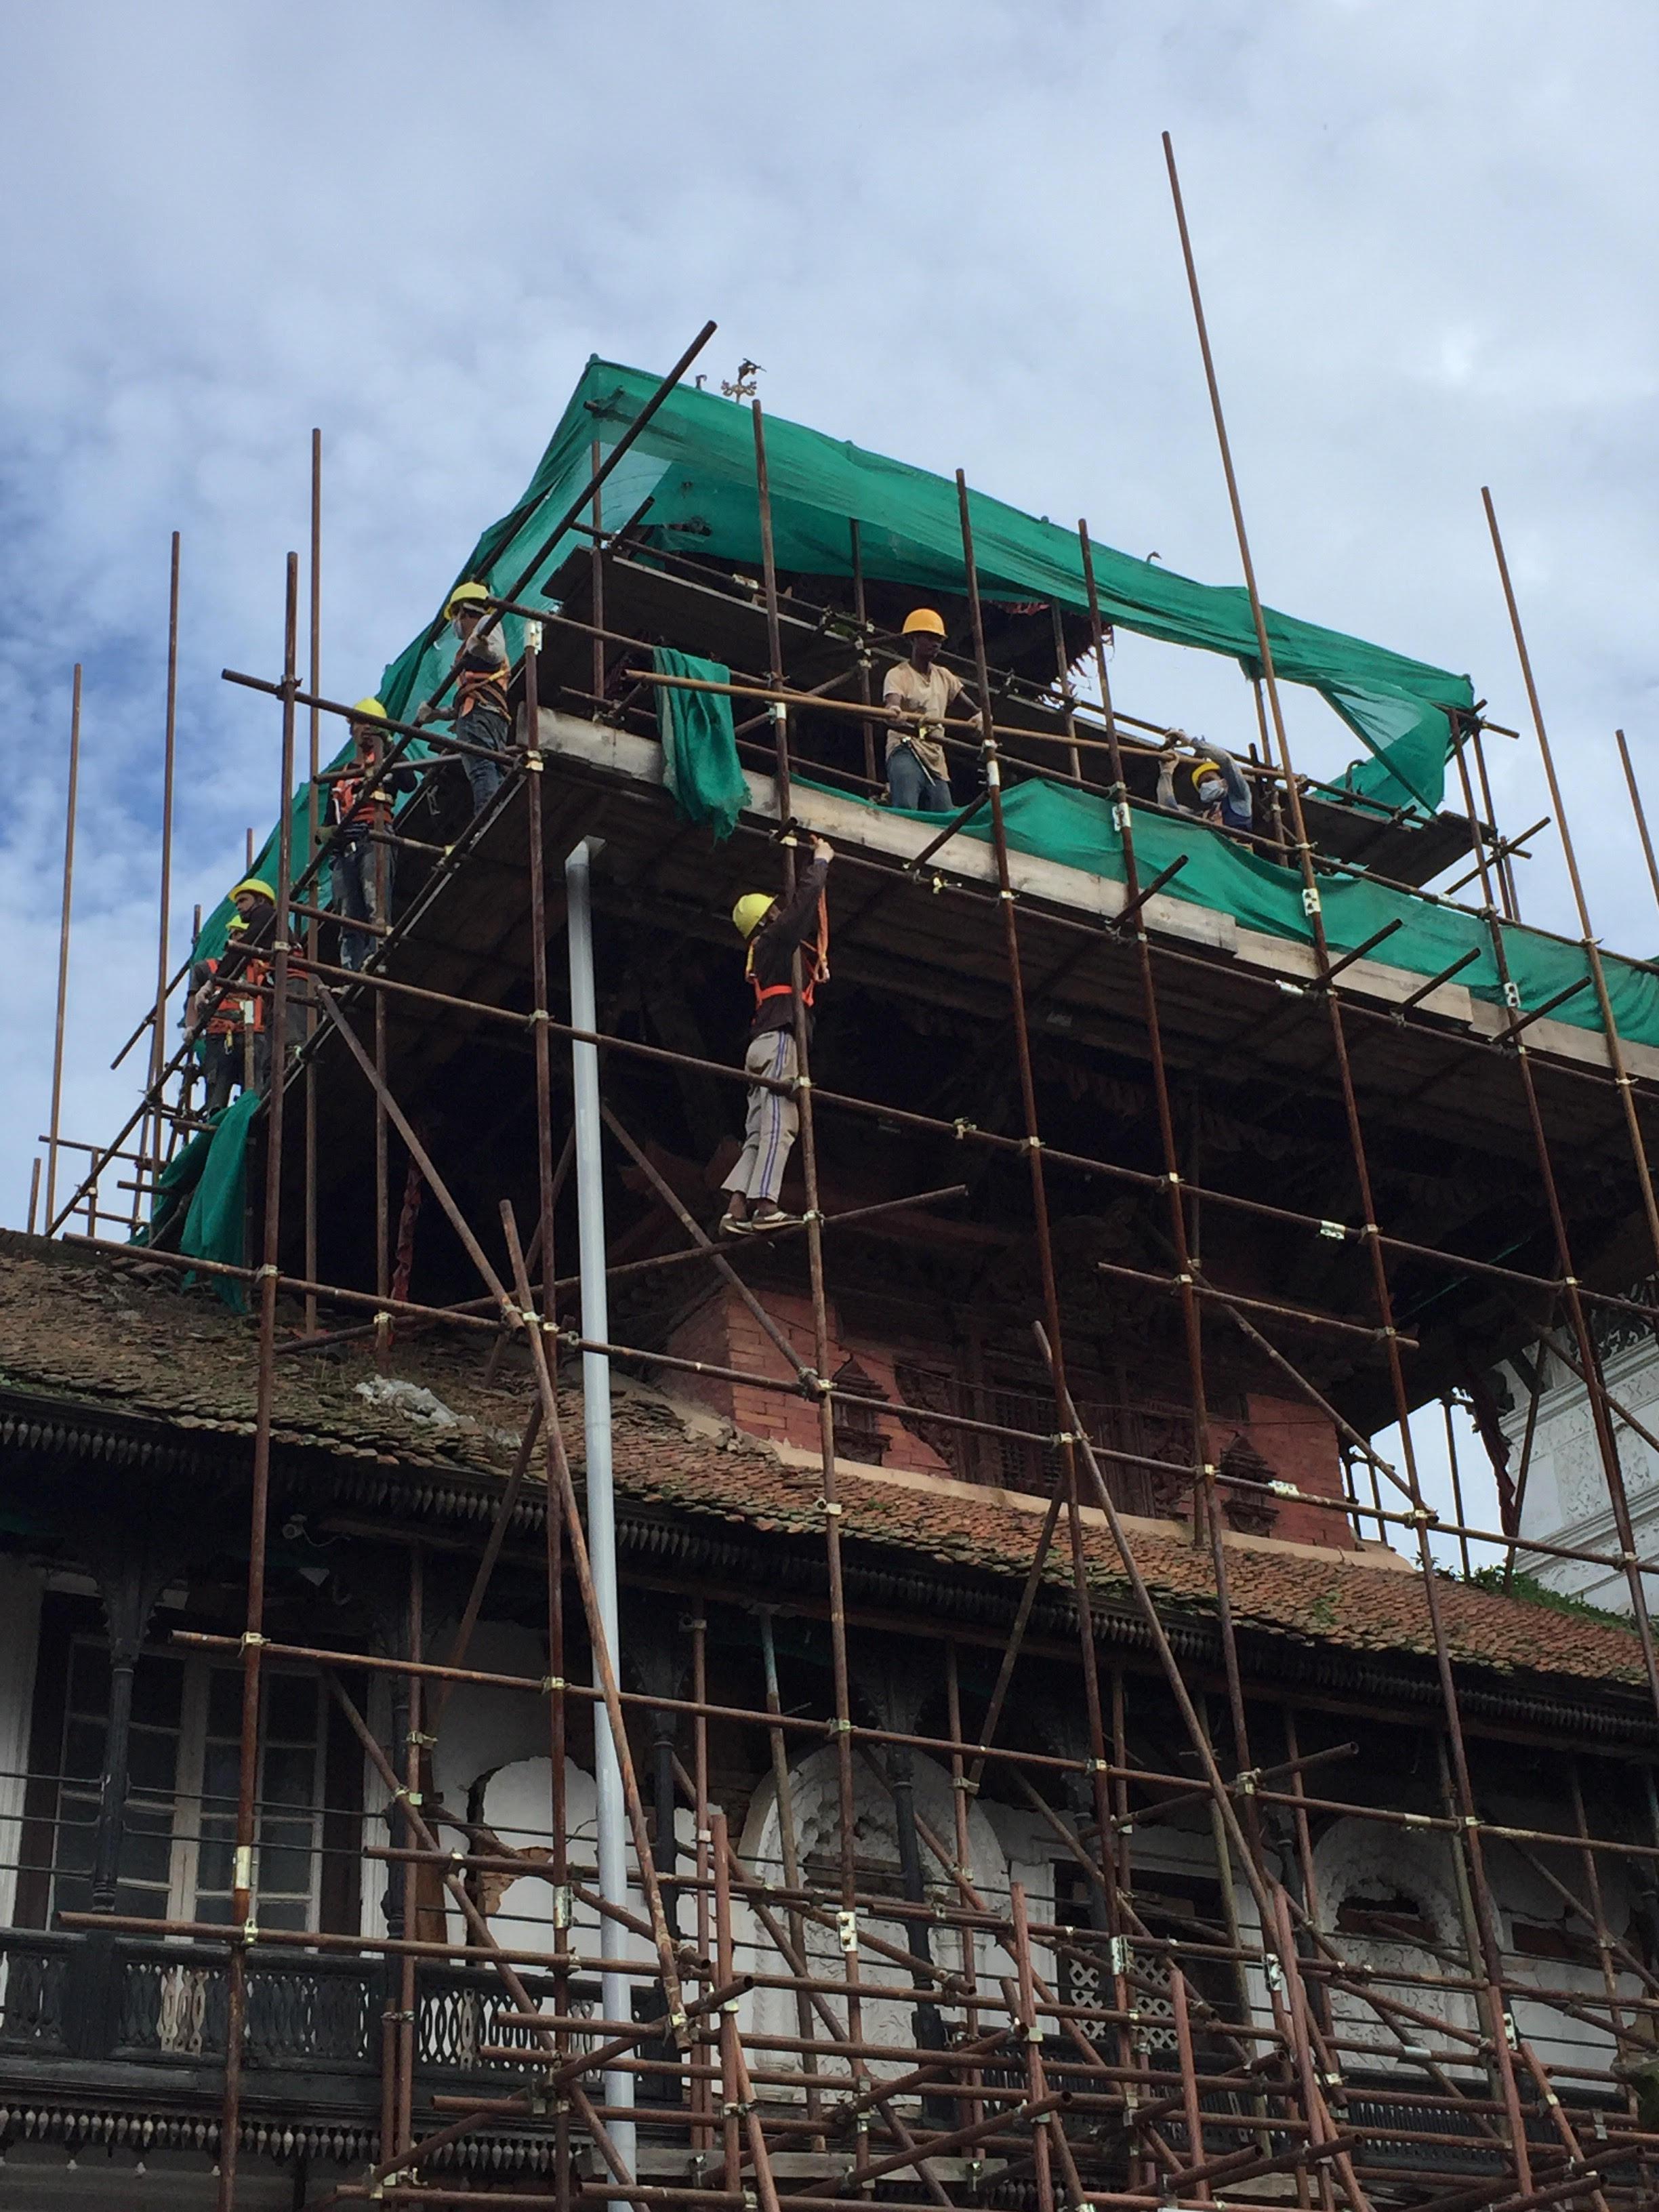 आगमछें र देगु तलेजु मन्दिरको पुनर्निर्माण गरिने